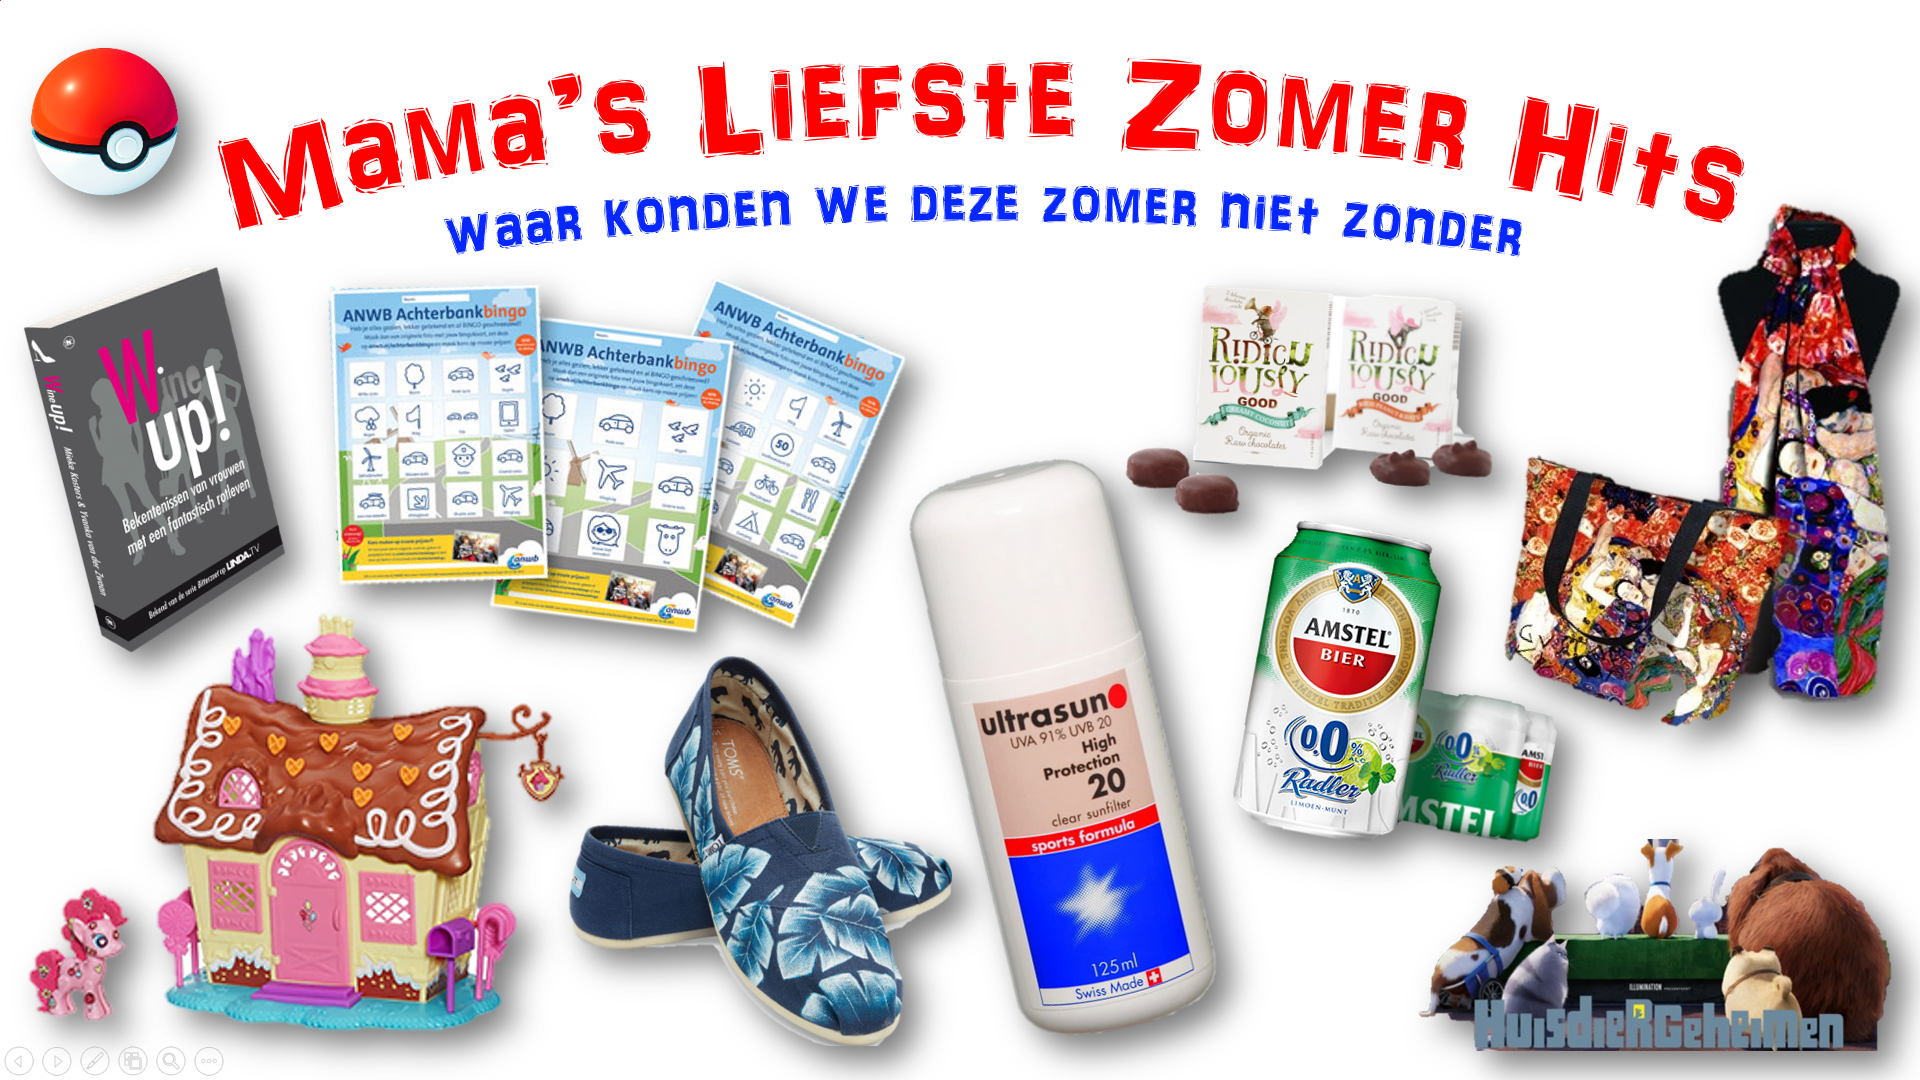 Zomer hits 2016